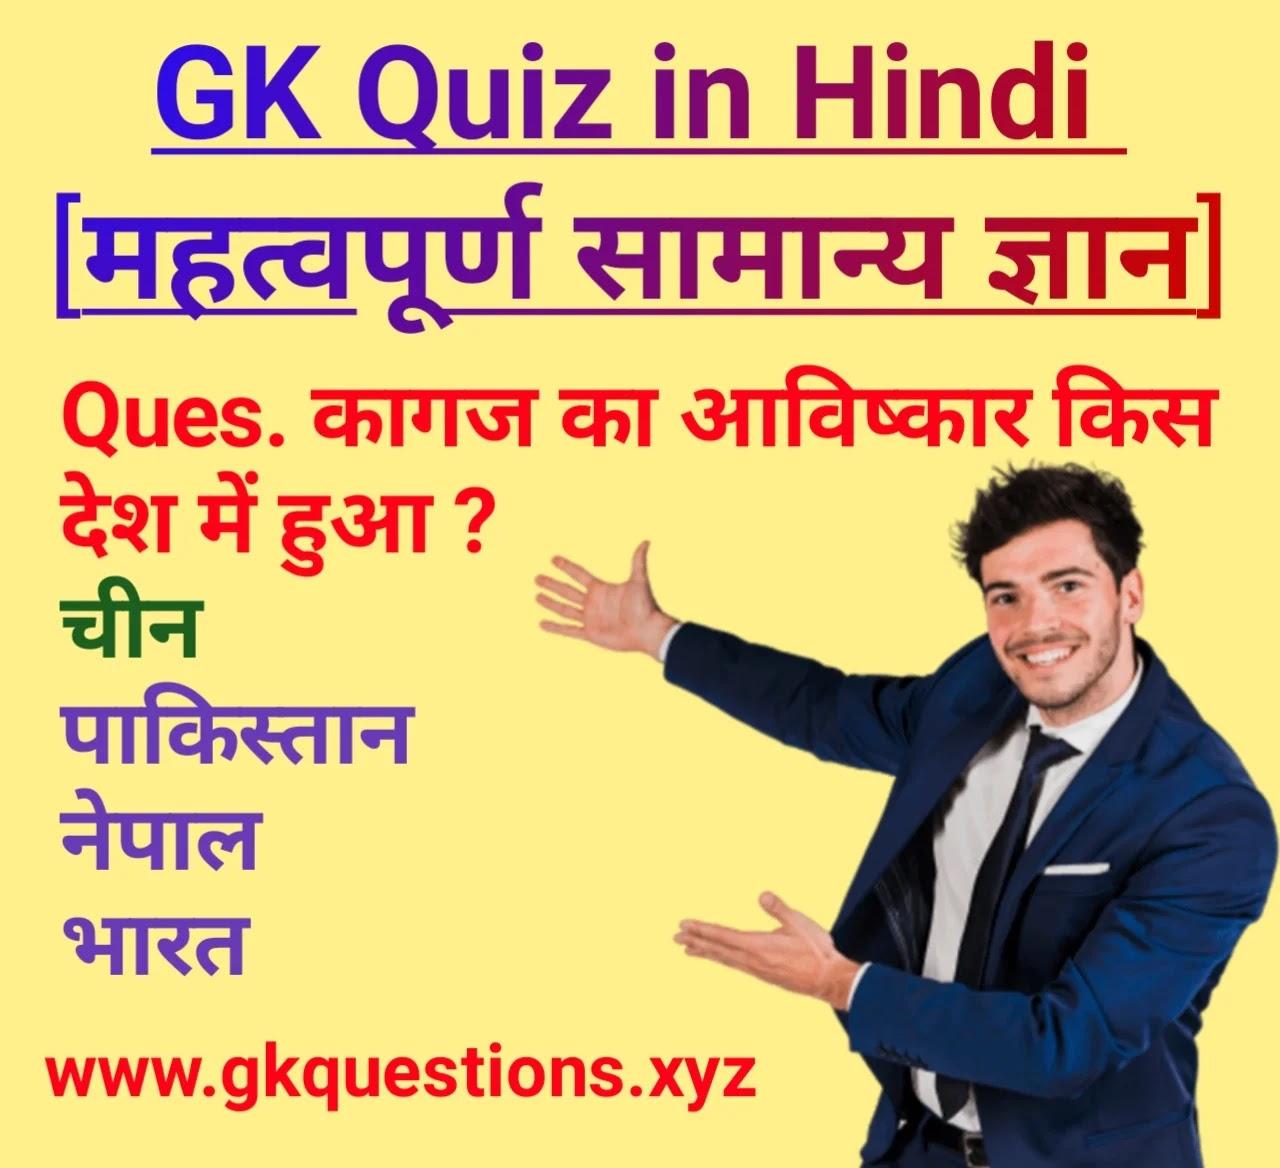 online gk quiz in hindi,online gk quiz,gk online